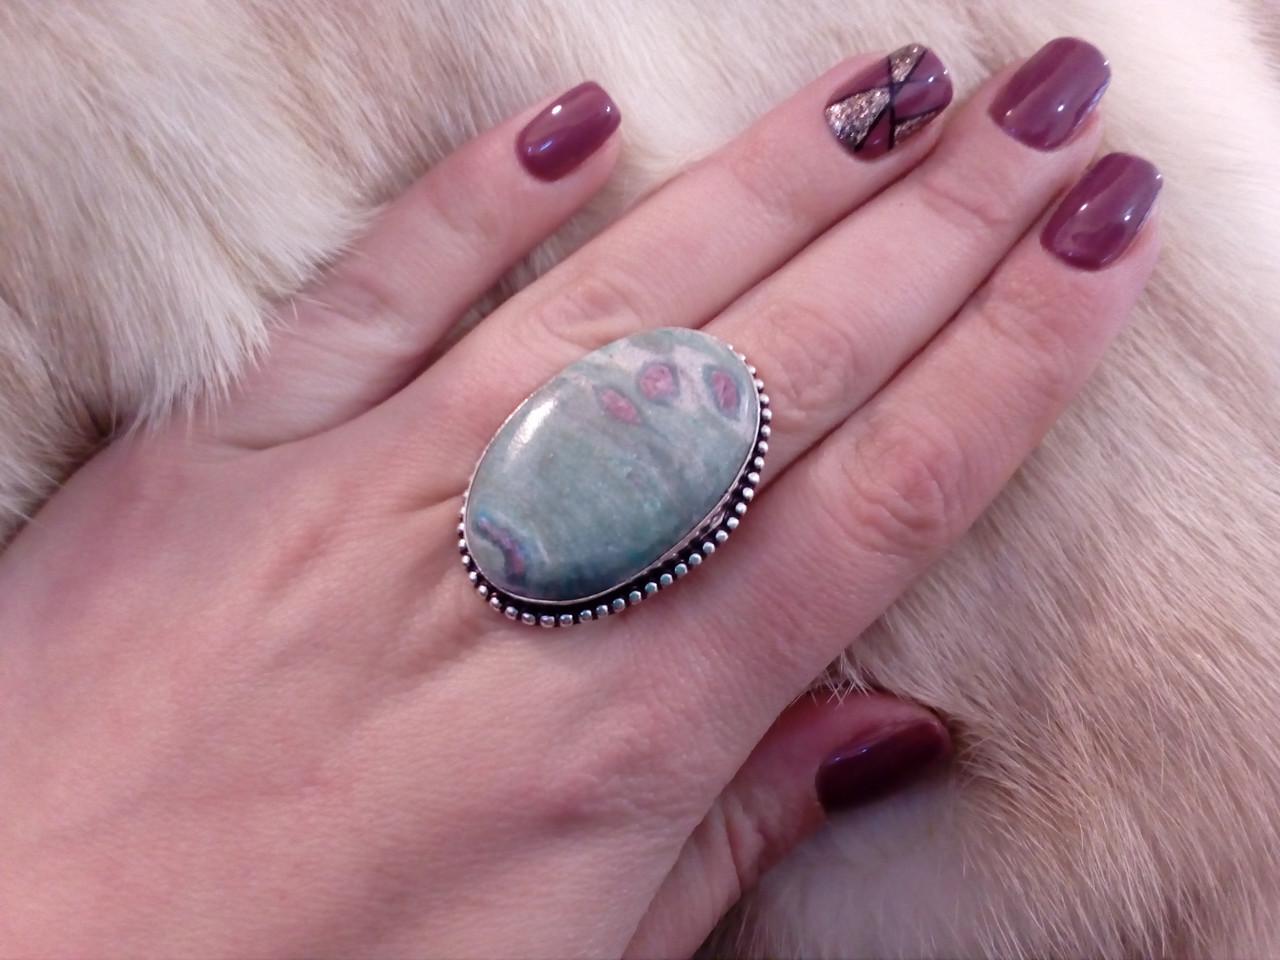 Рубин в фуксите кольцо с камнем рубин в фуксите. Природный рубин в серебре 17,5-18 размер Индия!